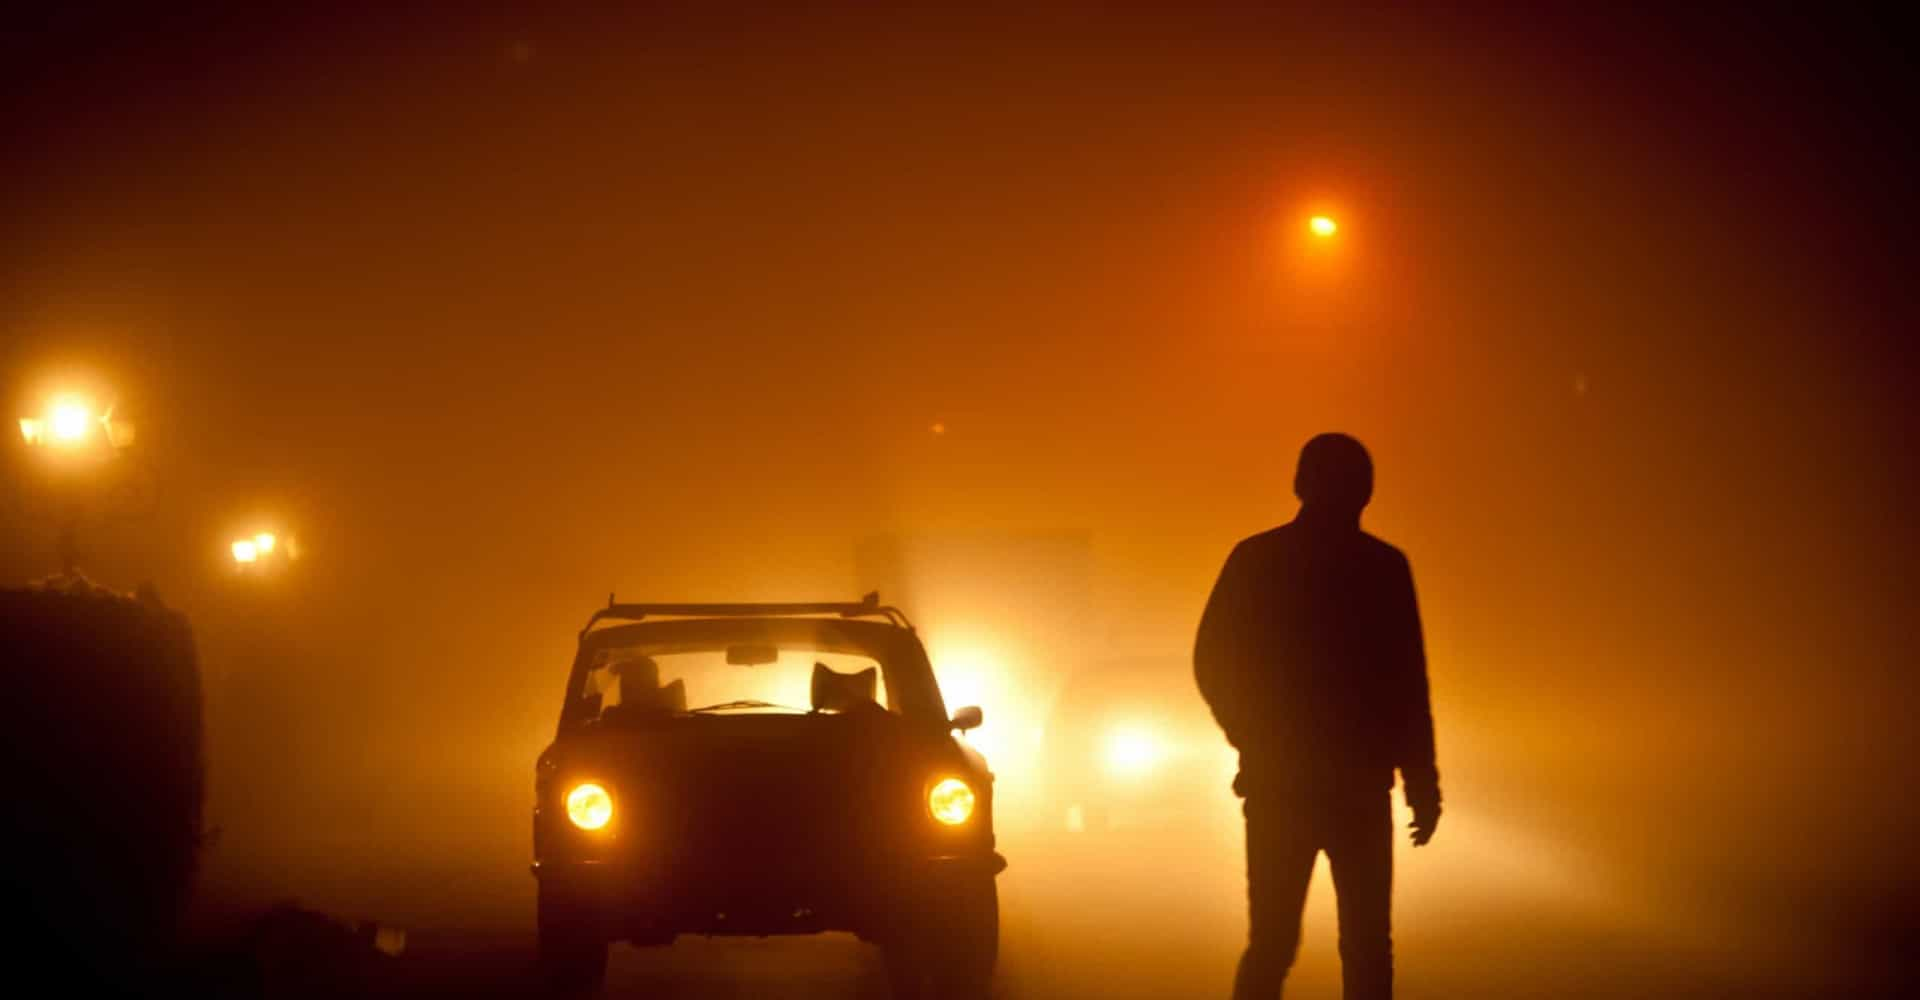 ¡Dime a dónde viajas y te diré qué calles evitar!